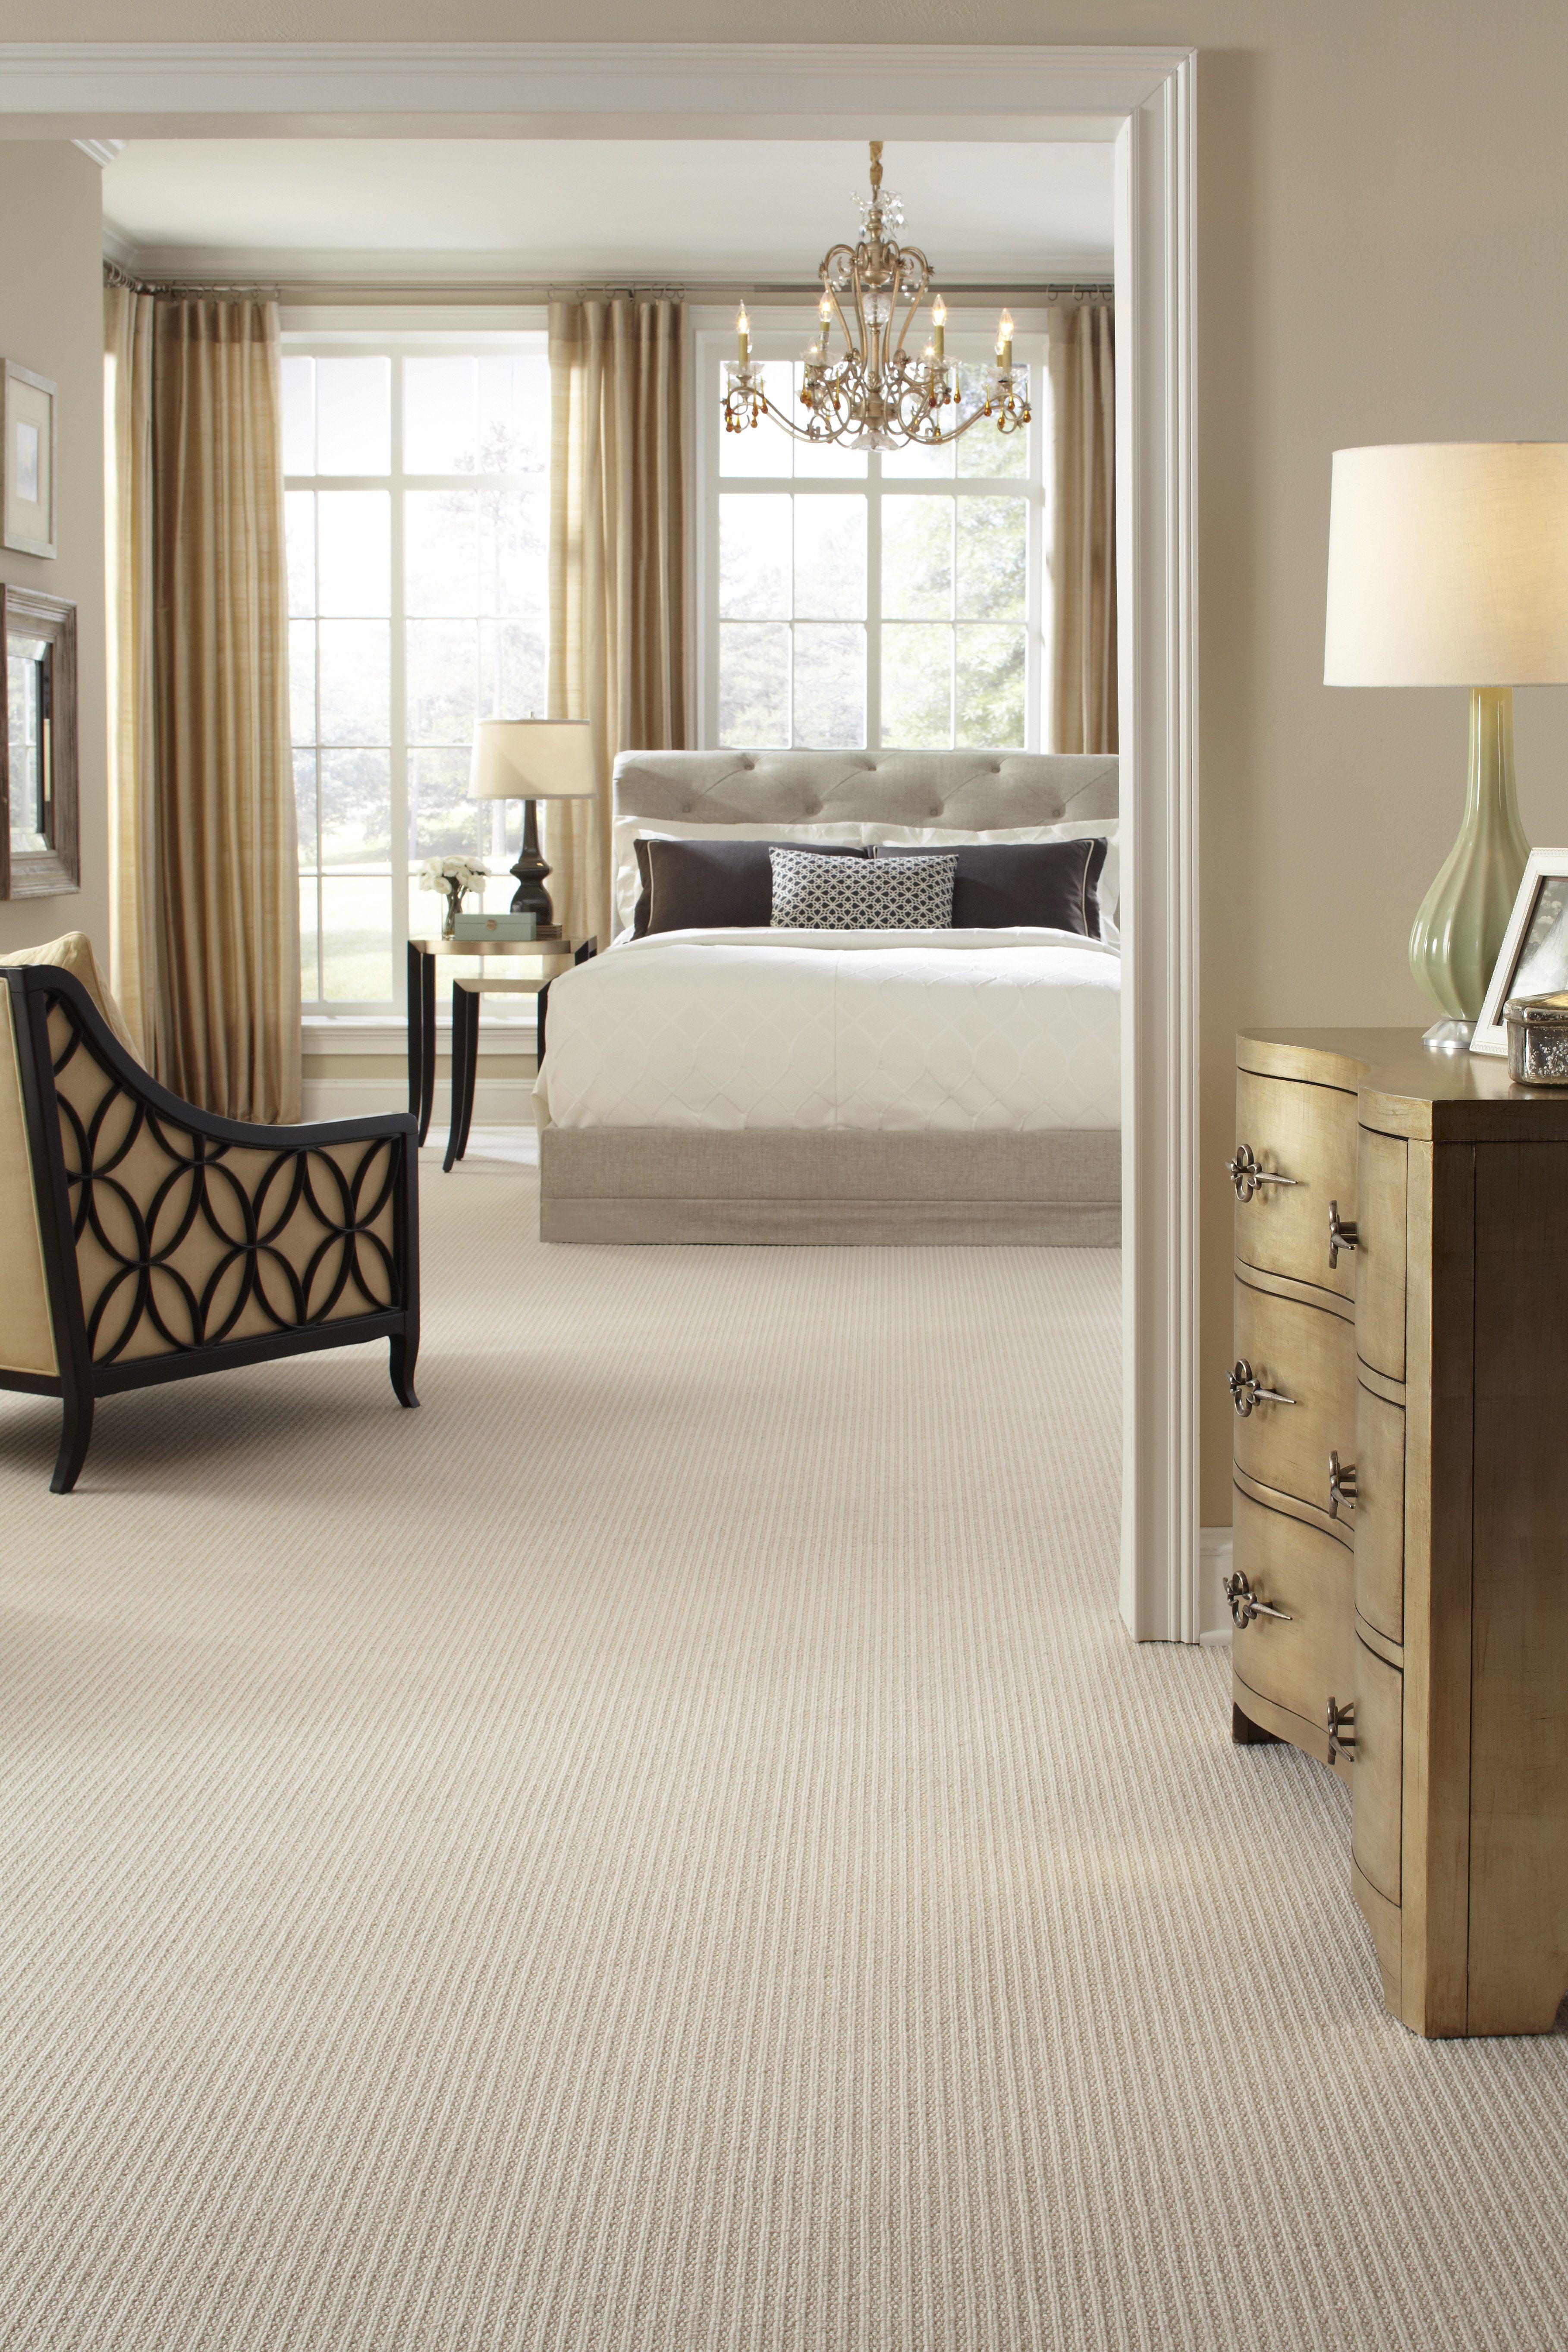 Bedroom Carpet Home Depot